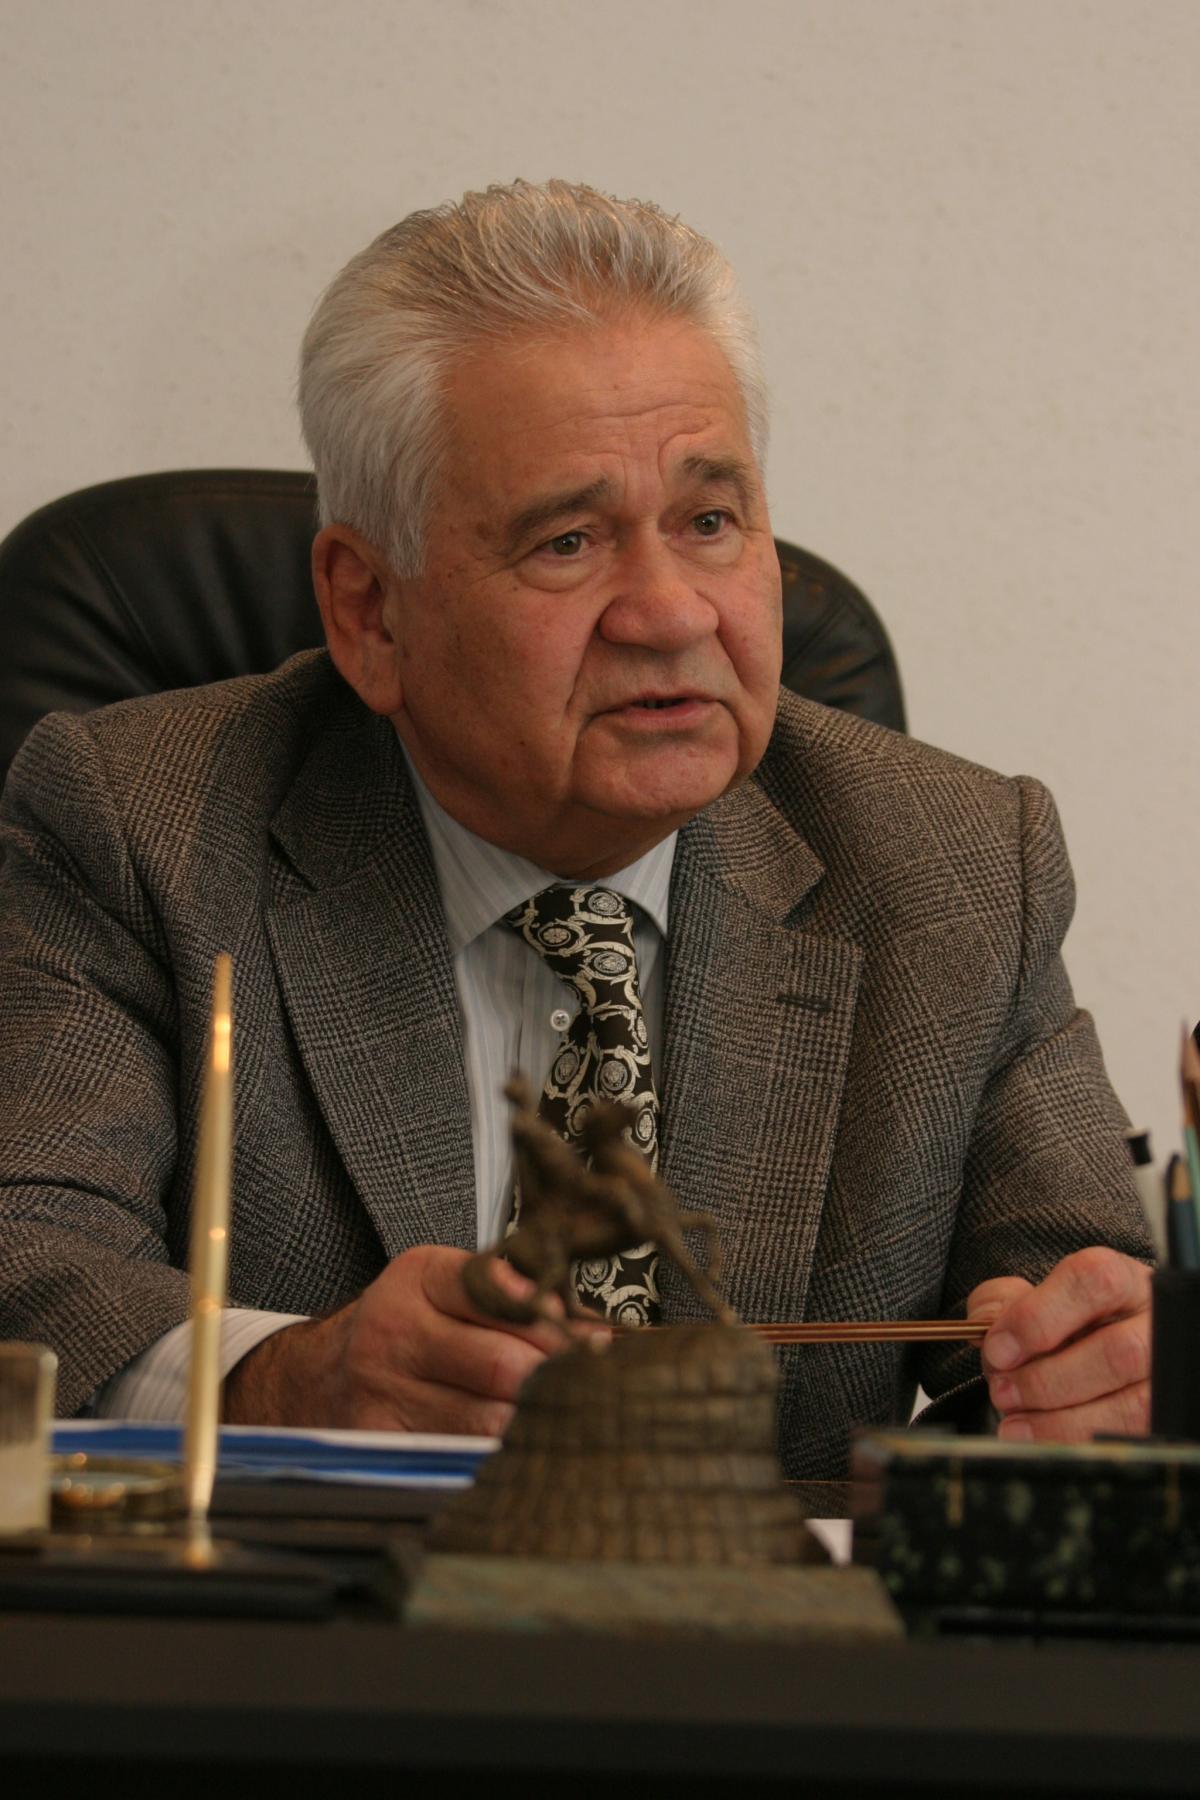 Фокин высказал мнение относительно принятого в 2014 году закона об амнистии боевиков / фото Википедия